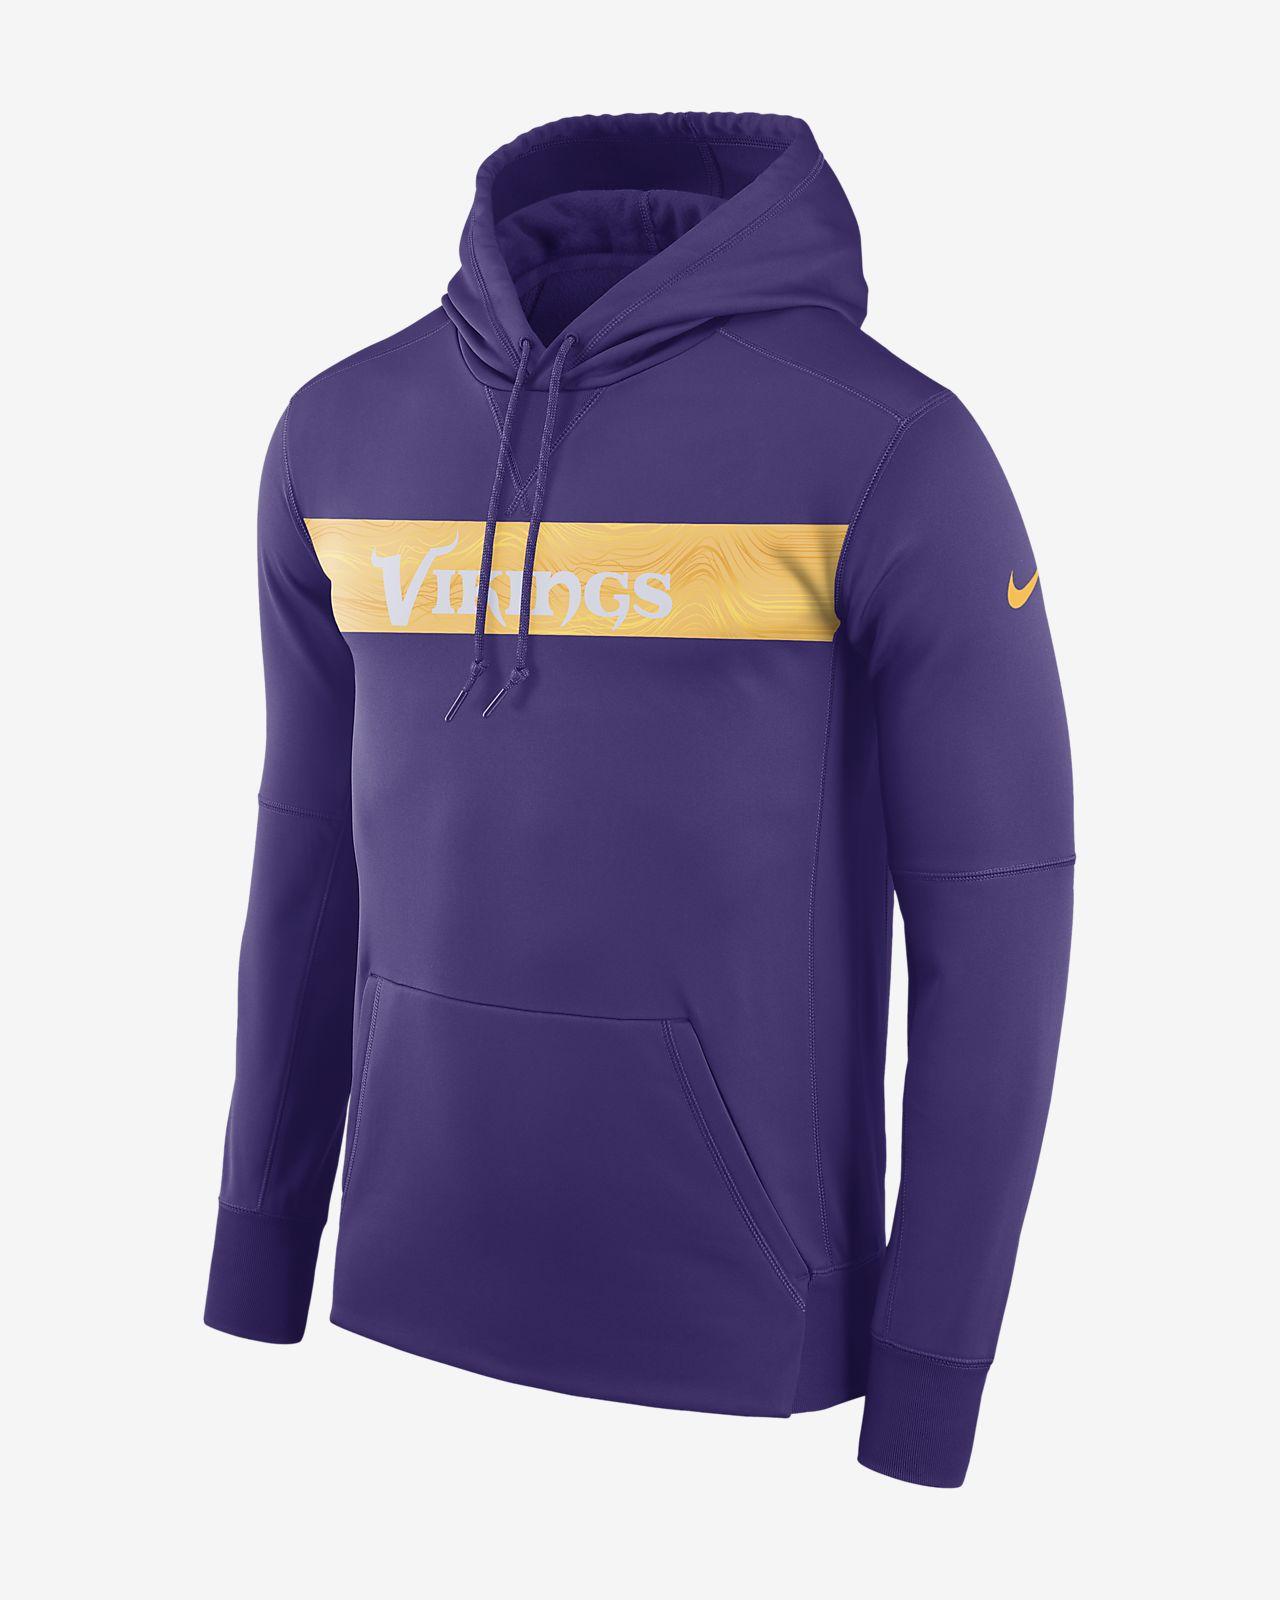 Ανδρική μπλούζα με κουκούλα Nike Dri-FIT Therma (NFL Vikings)